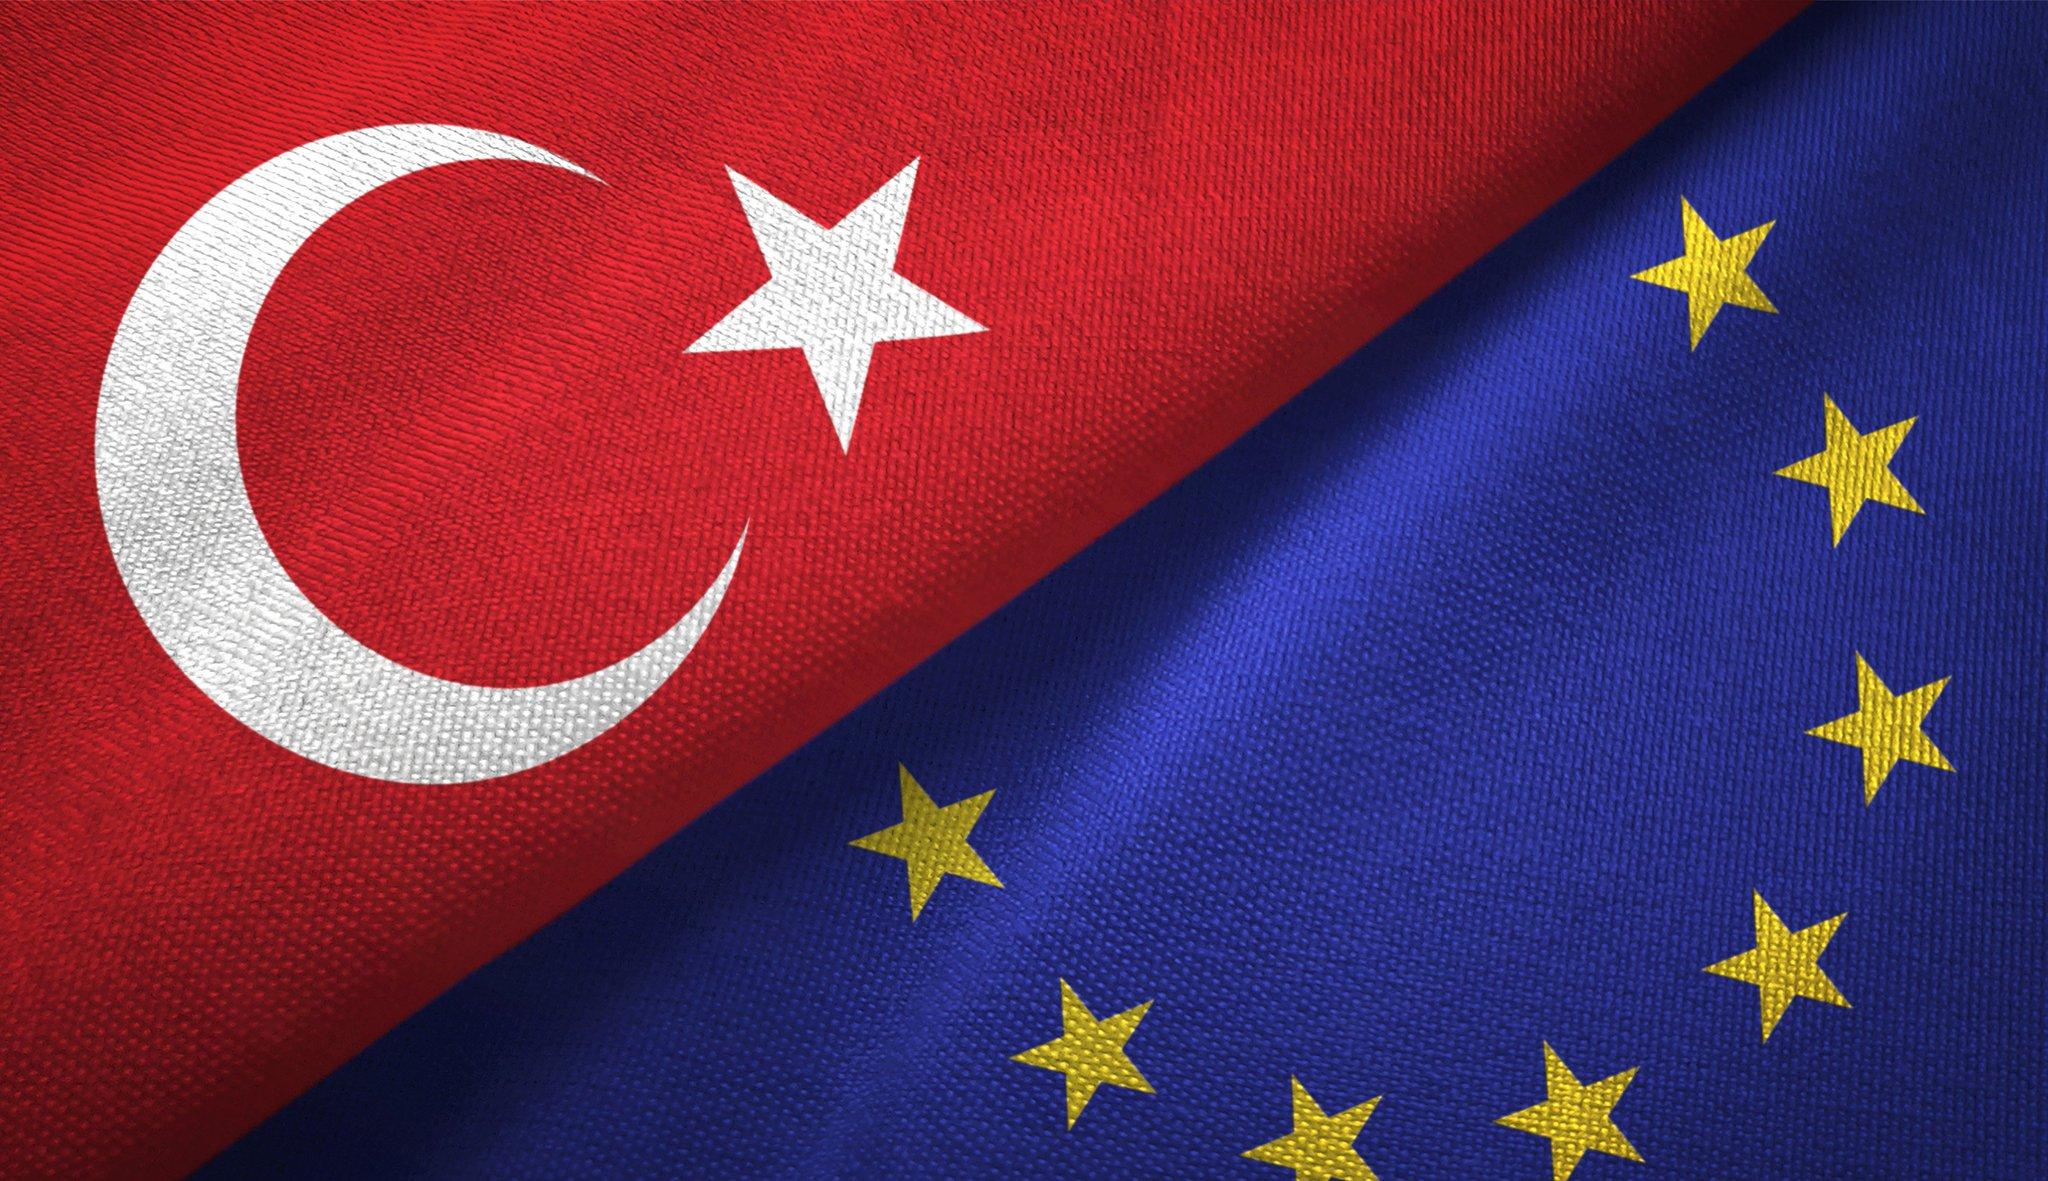 الاتحاد الأوروبي وتركيا ـ حلقة جديدة من التوتر